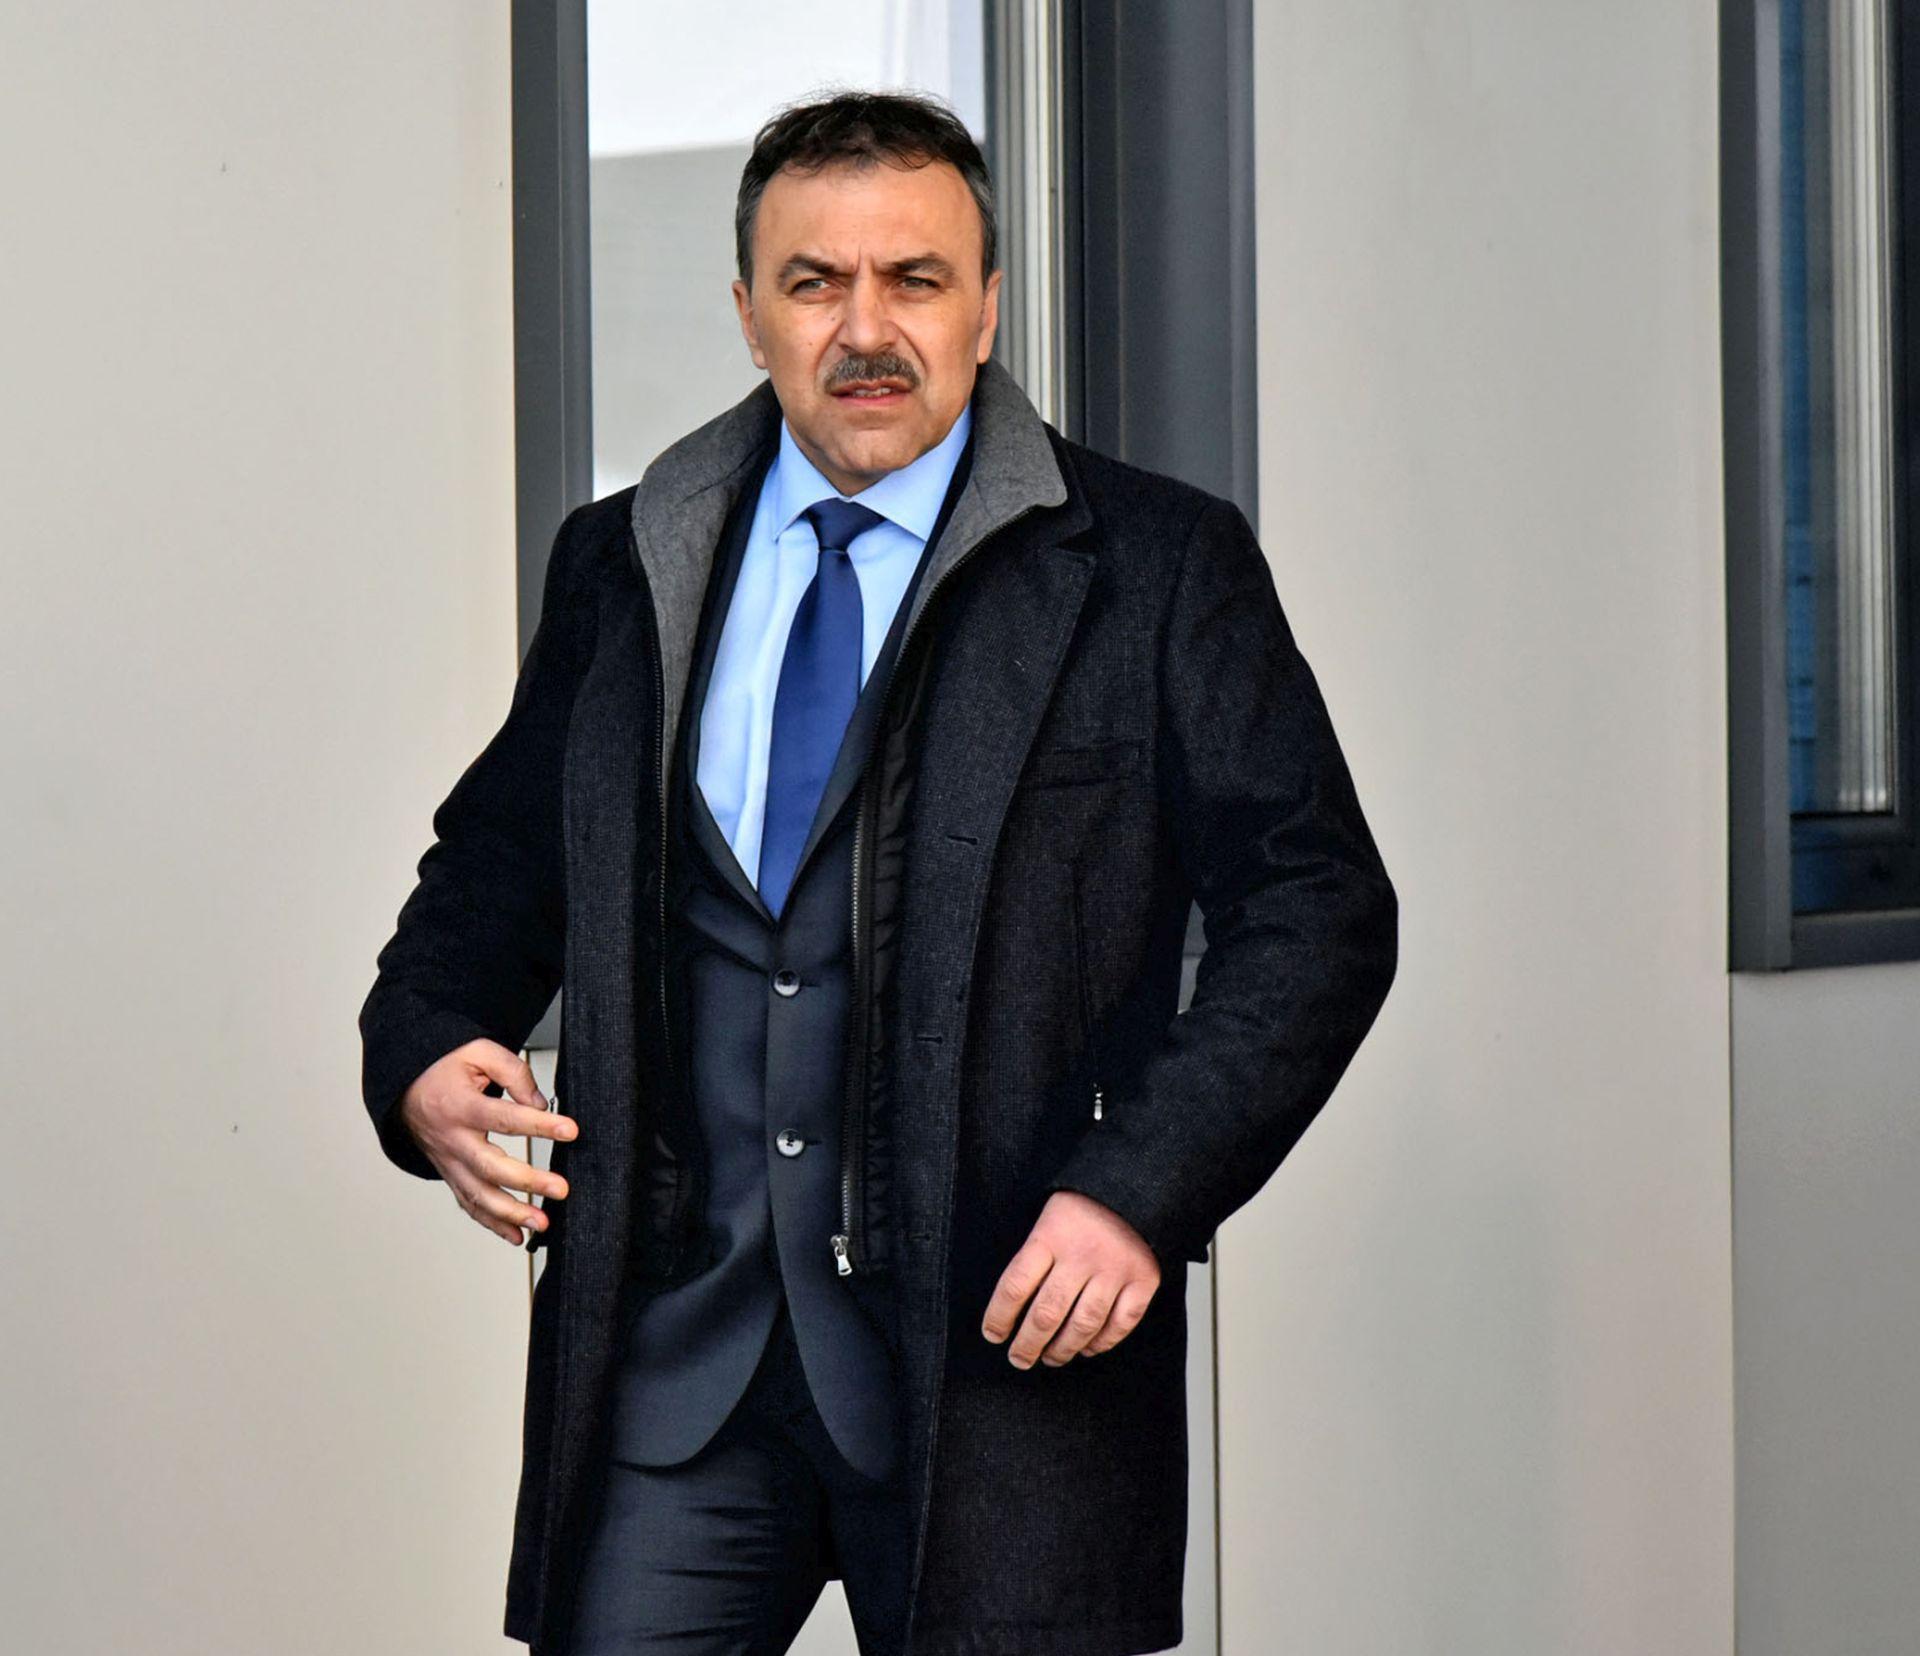 MALTRETIRANJE IZBJEGLICA: Orepić opovrgnuo teške optužbe migranata na račun policije